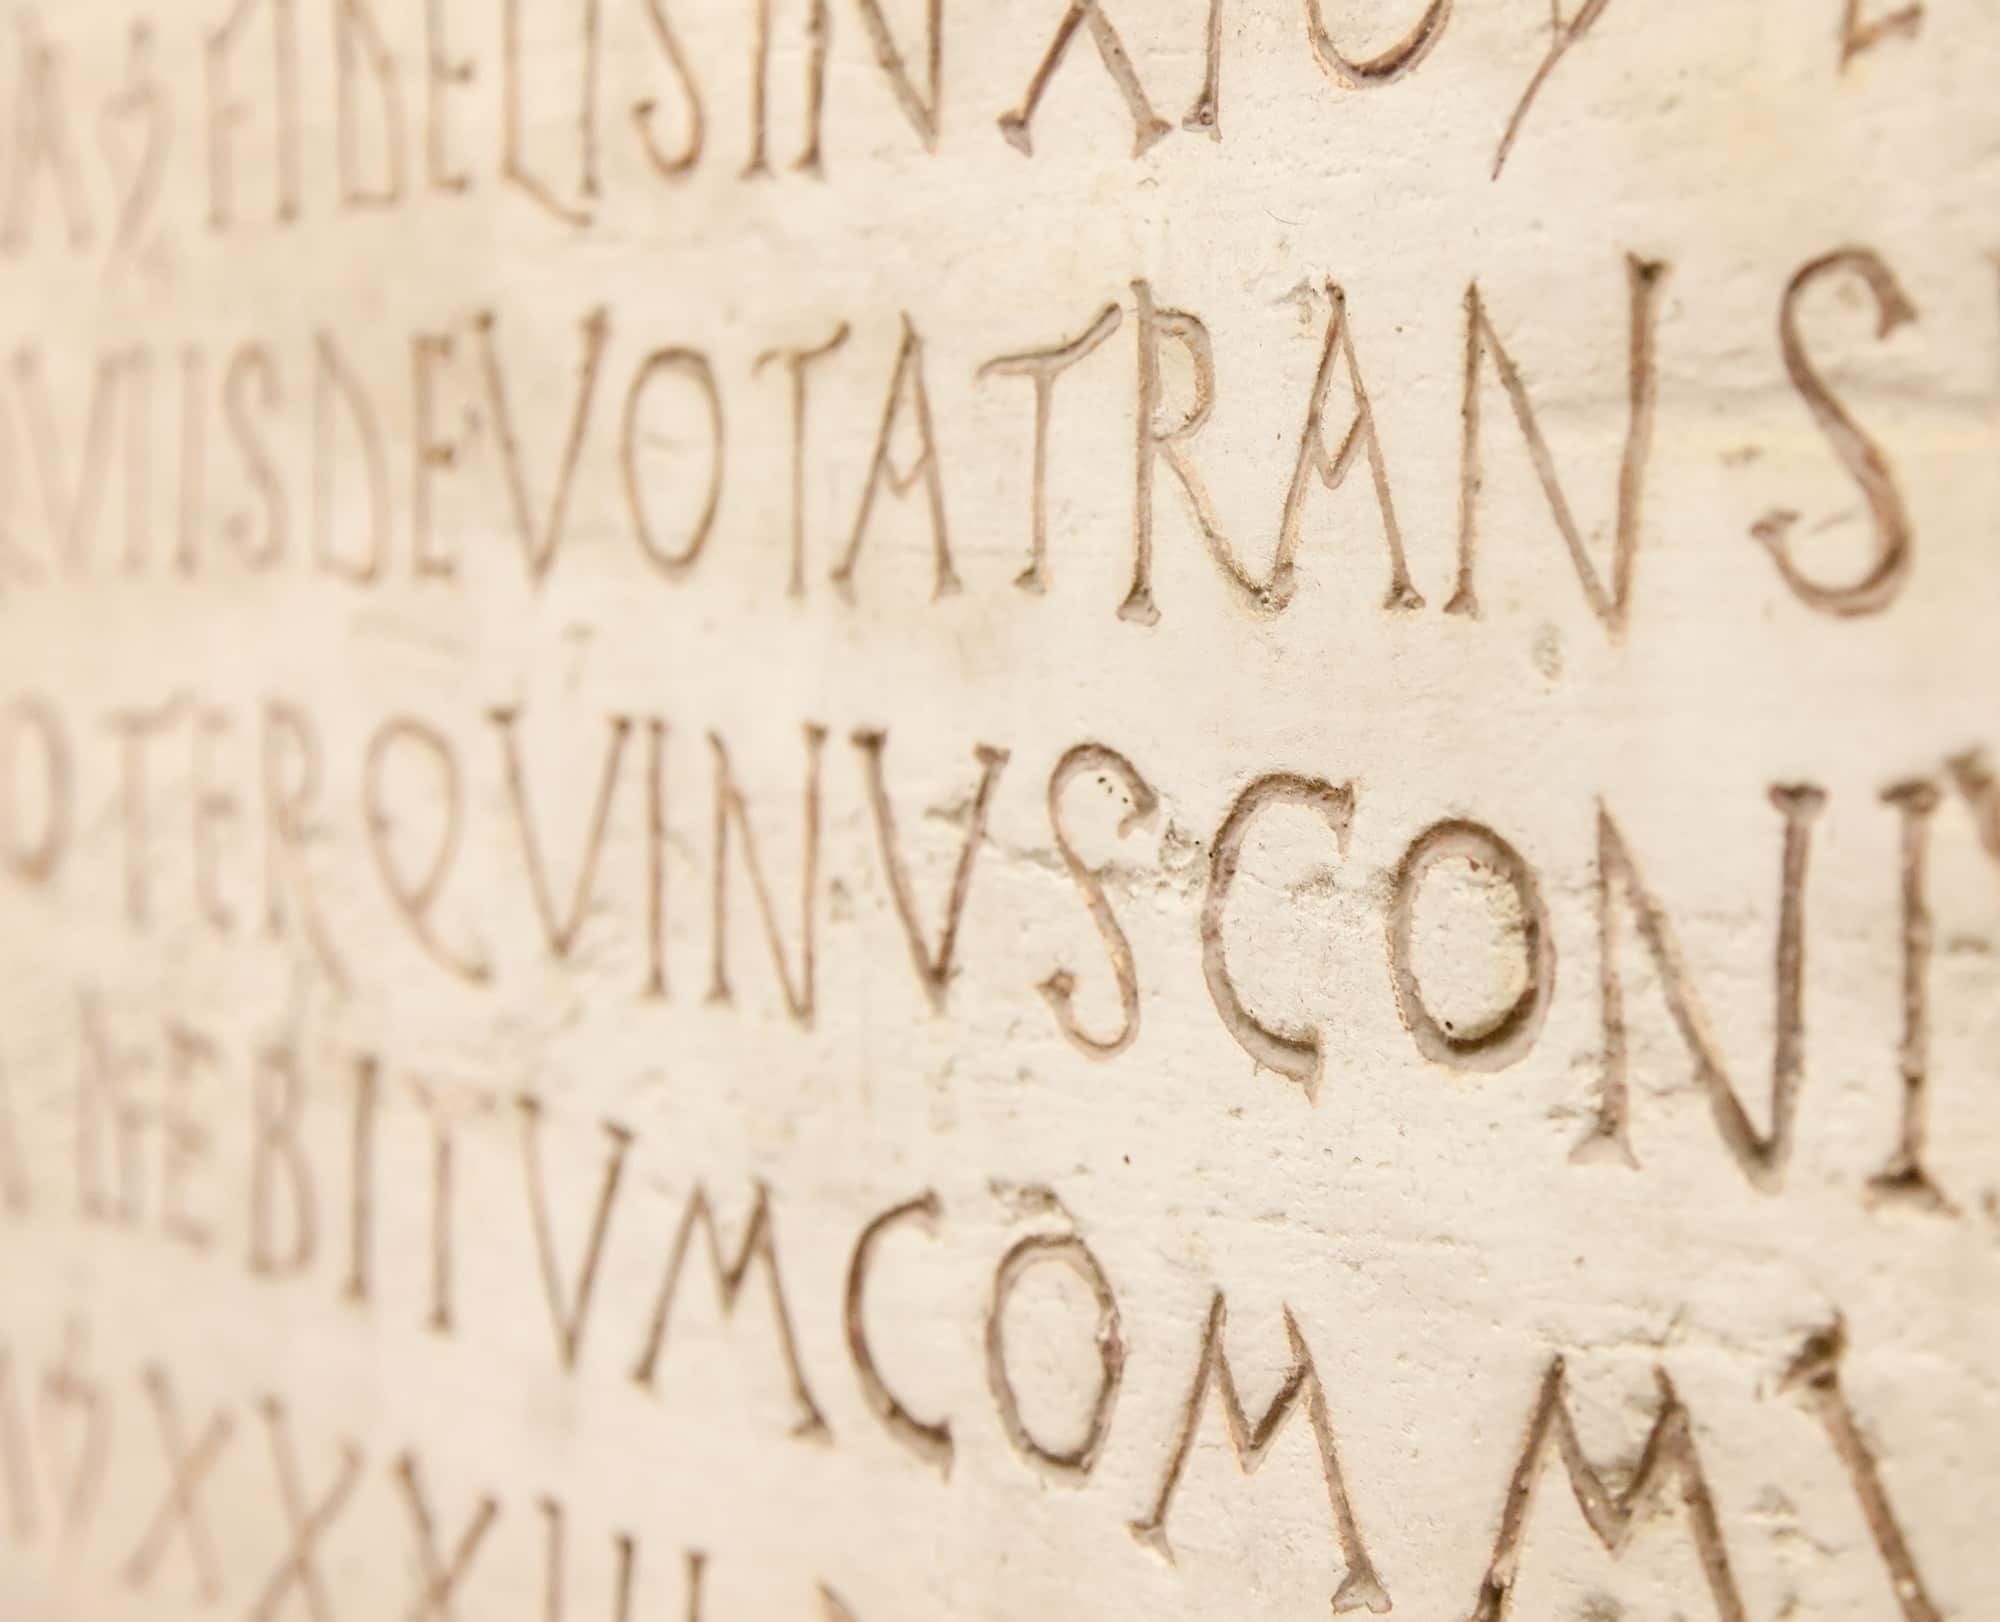 79 Lateinische Sprüche Für Jeden Anlass übersetzung